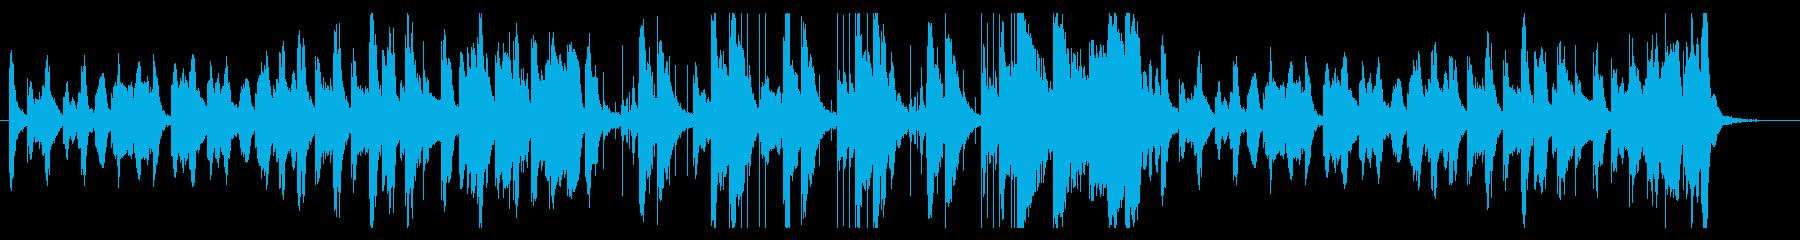 笛・木琴の可愛い、ほのぼの、コミカルな曲の再生済みの波形